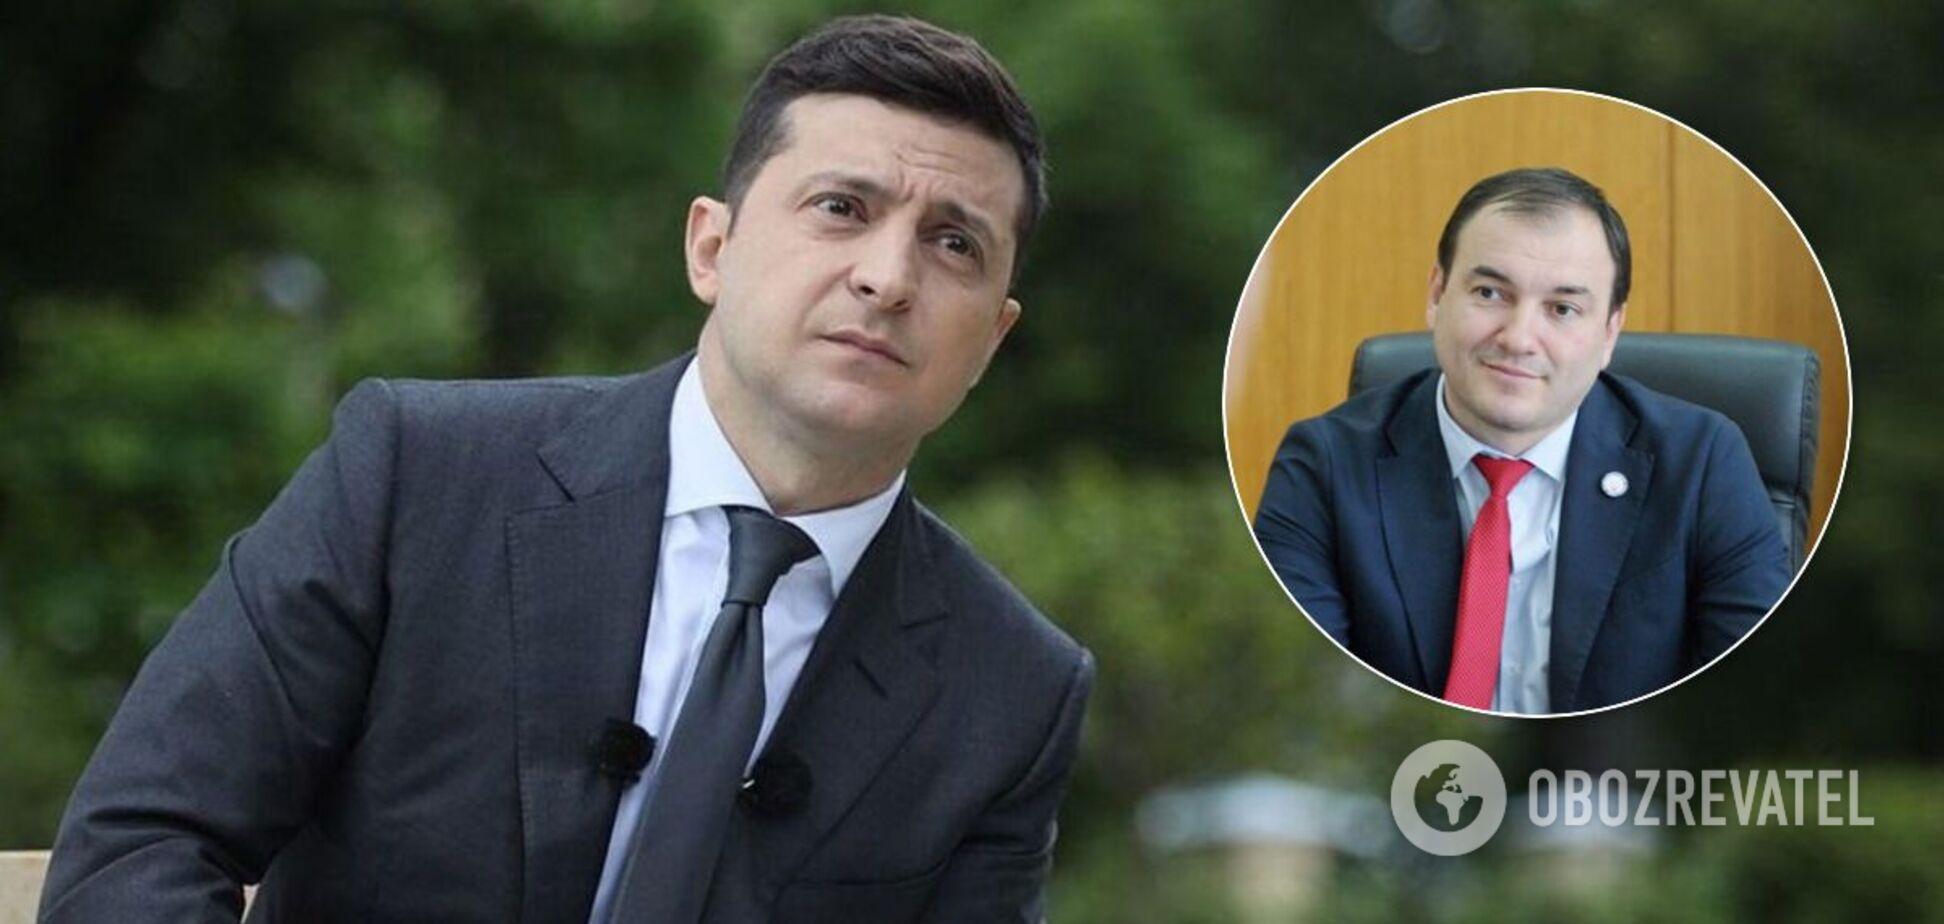 'Разбойник', которого Зеленский выгнал год назад в Борисполе, пошел в мэры